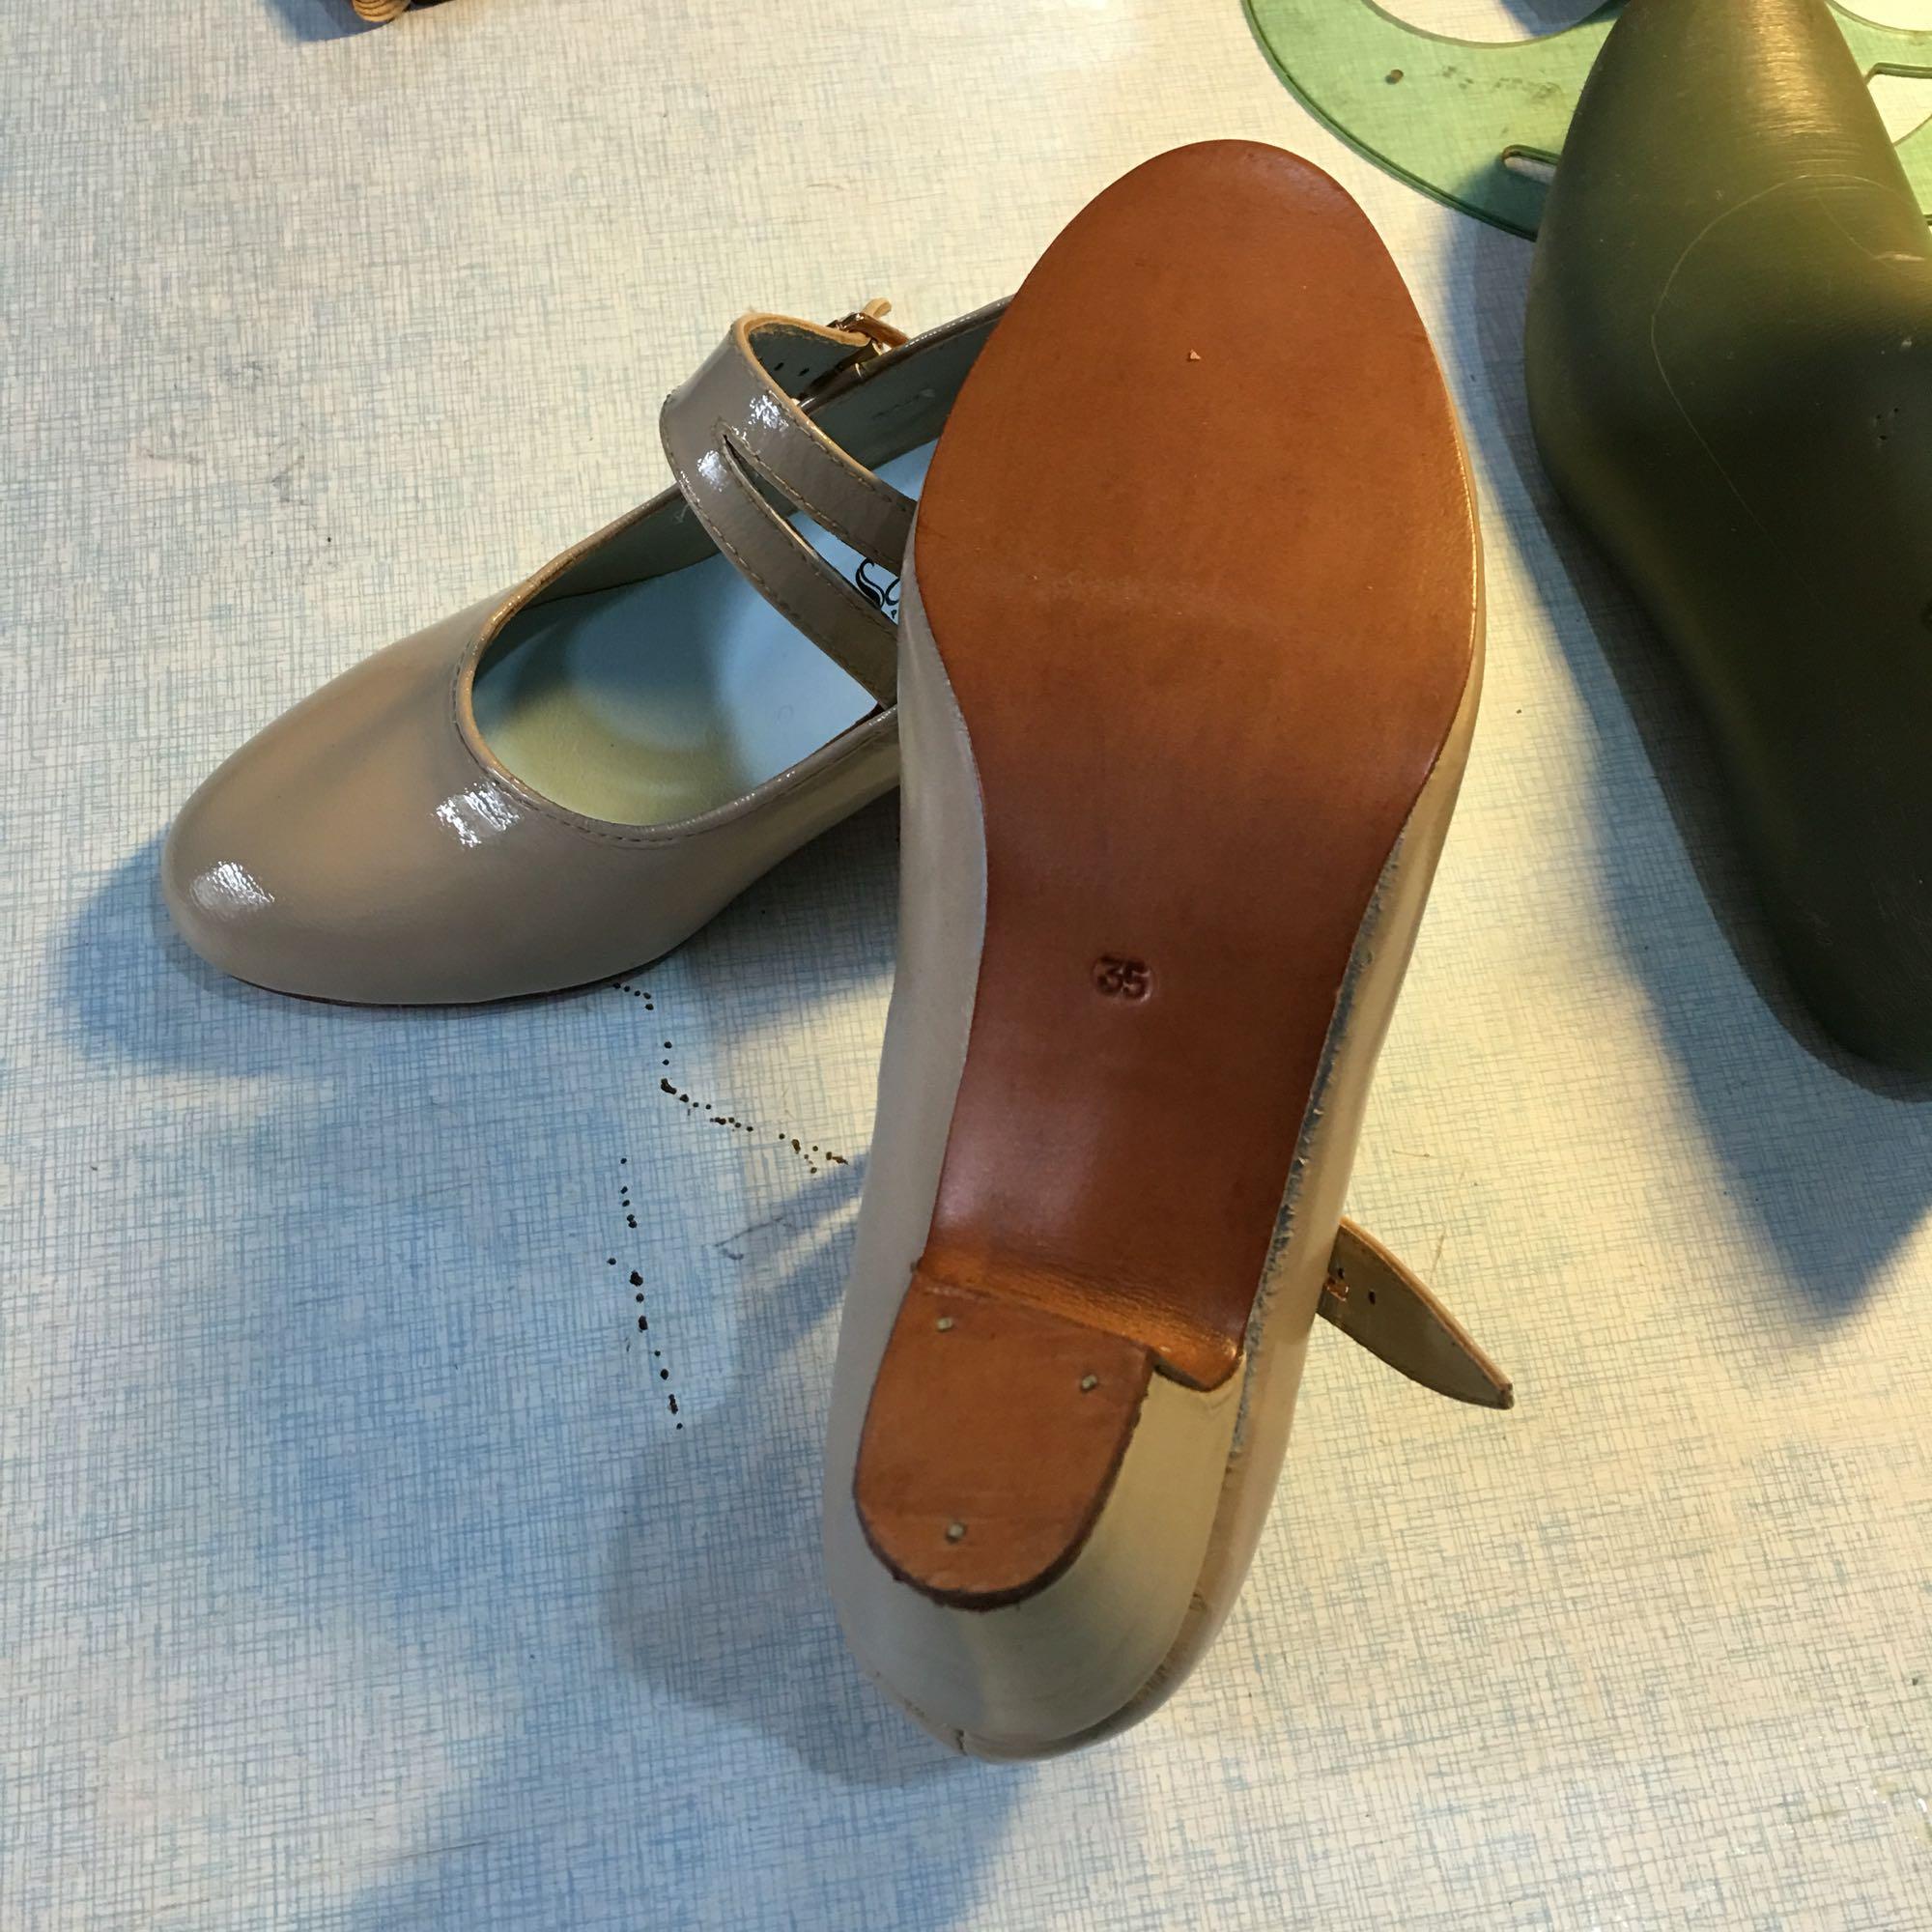 Не раздвижные двери клевец обувь Flamenco выход импорт овец слой краски обувной натуральная кожа конец существует гвоздь обувной в этом месяце специальное предложение